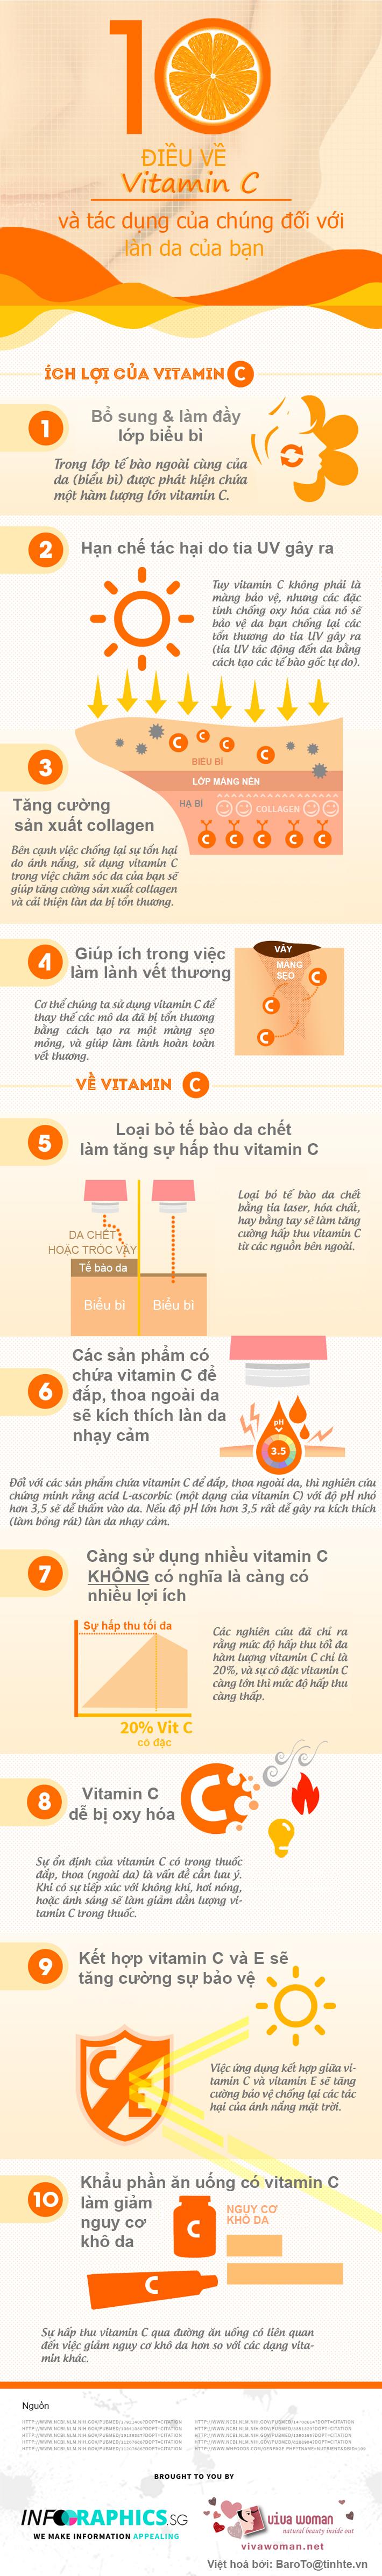 10 điều về vitamin C và tác dụng của chúng đối với làn da của bạn